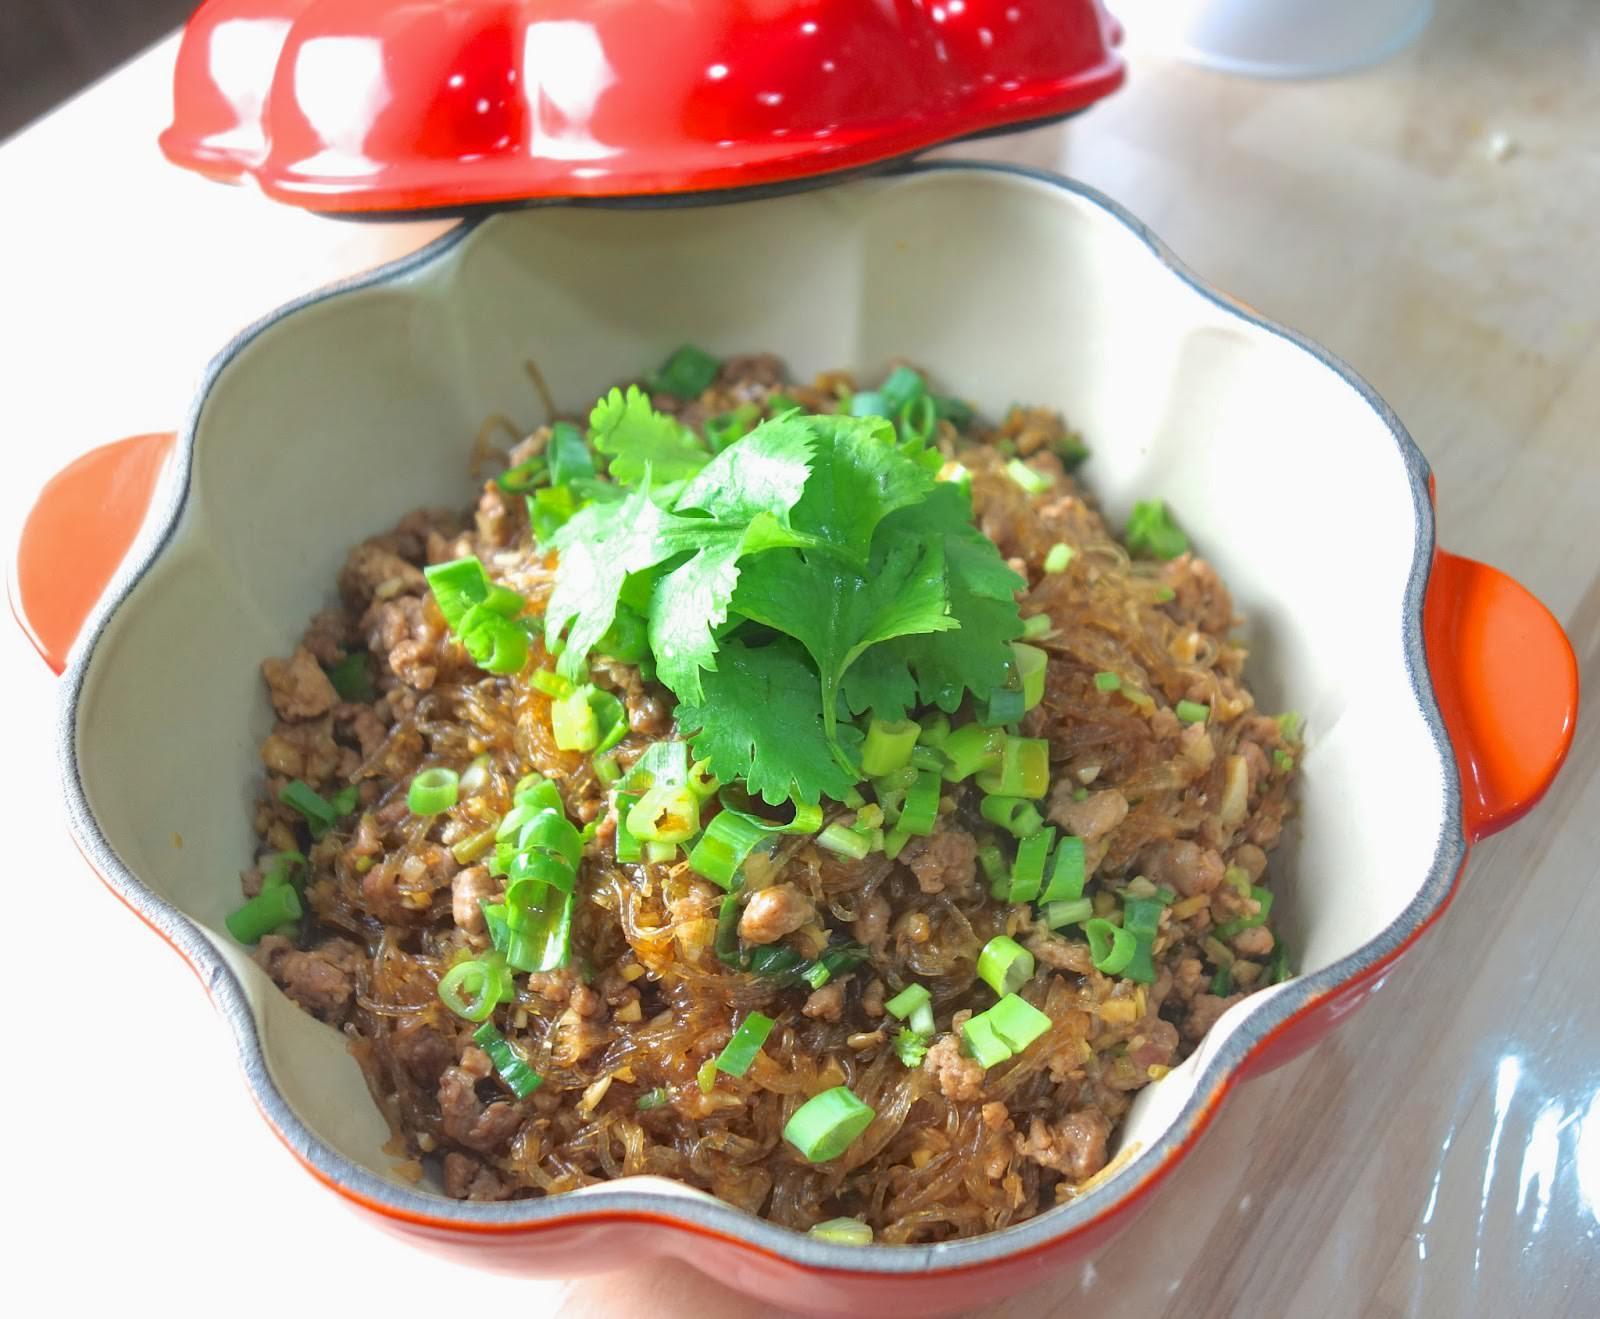 5分鐘教你做川菜,最詳細的「螞蟻上樹」作法大公開,這樣做才道地!